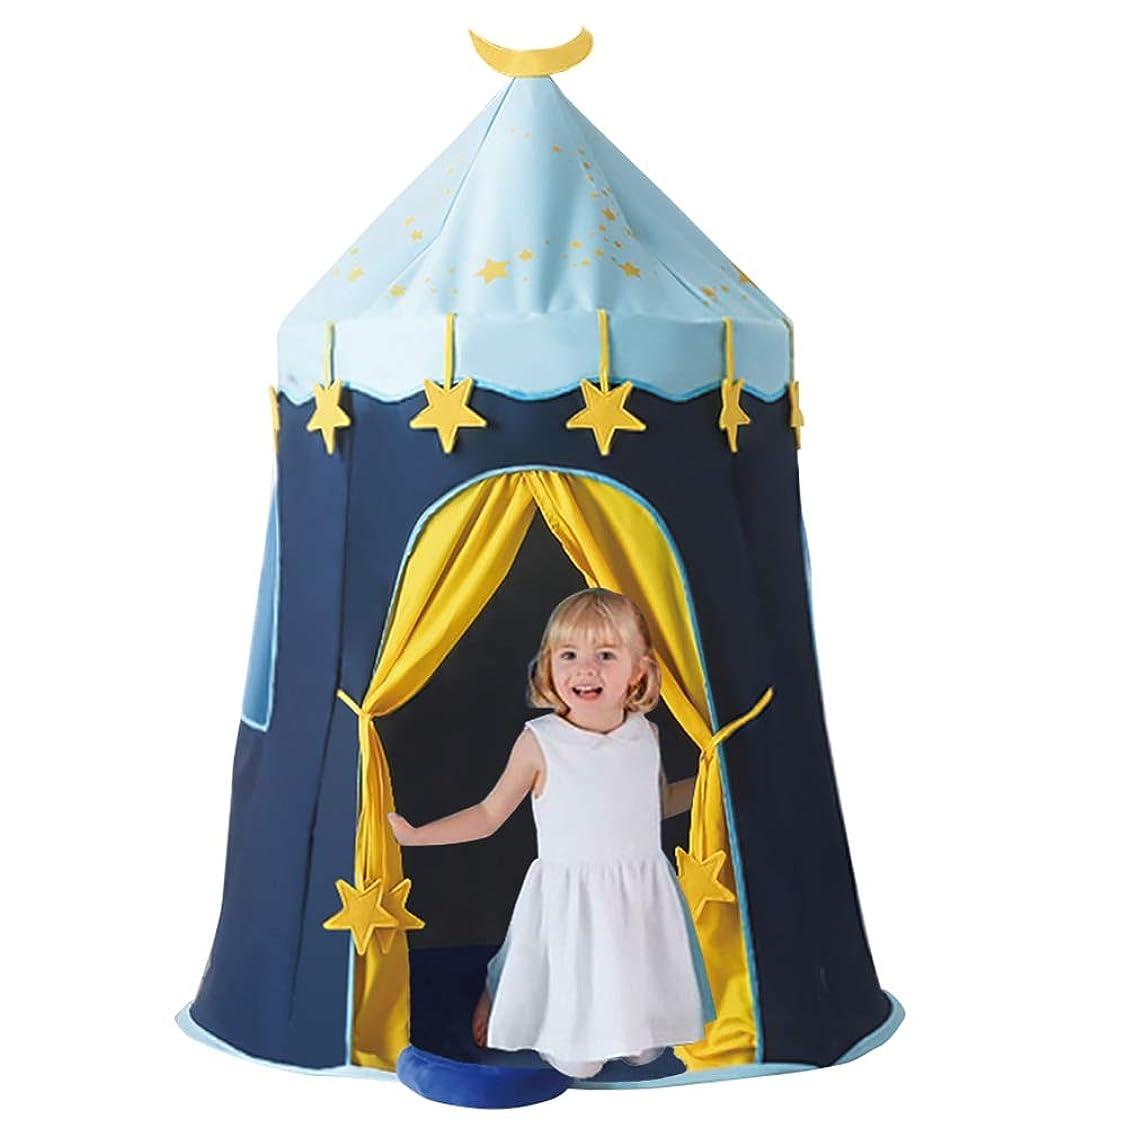 踊り子航海過言HLMIN 子供用テント幼児や女の子向けのテント、折りたたみ式、持ち運び用バッグ付きポータブル、屋内屋外用のプレイハウスとして ( Color : Blue )